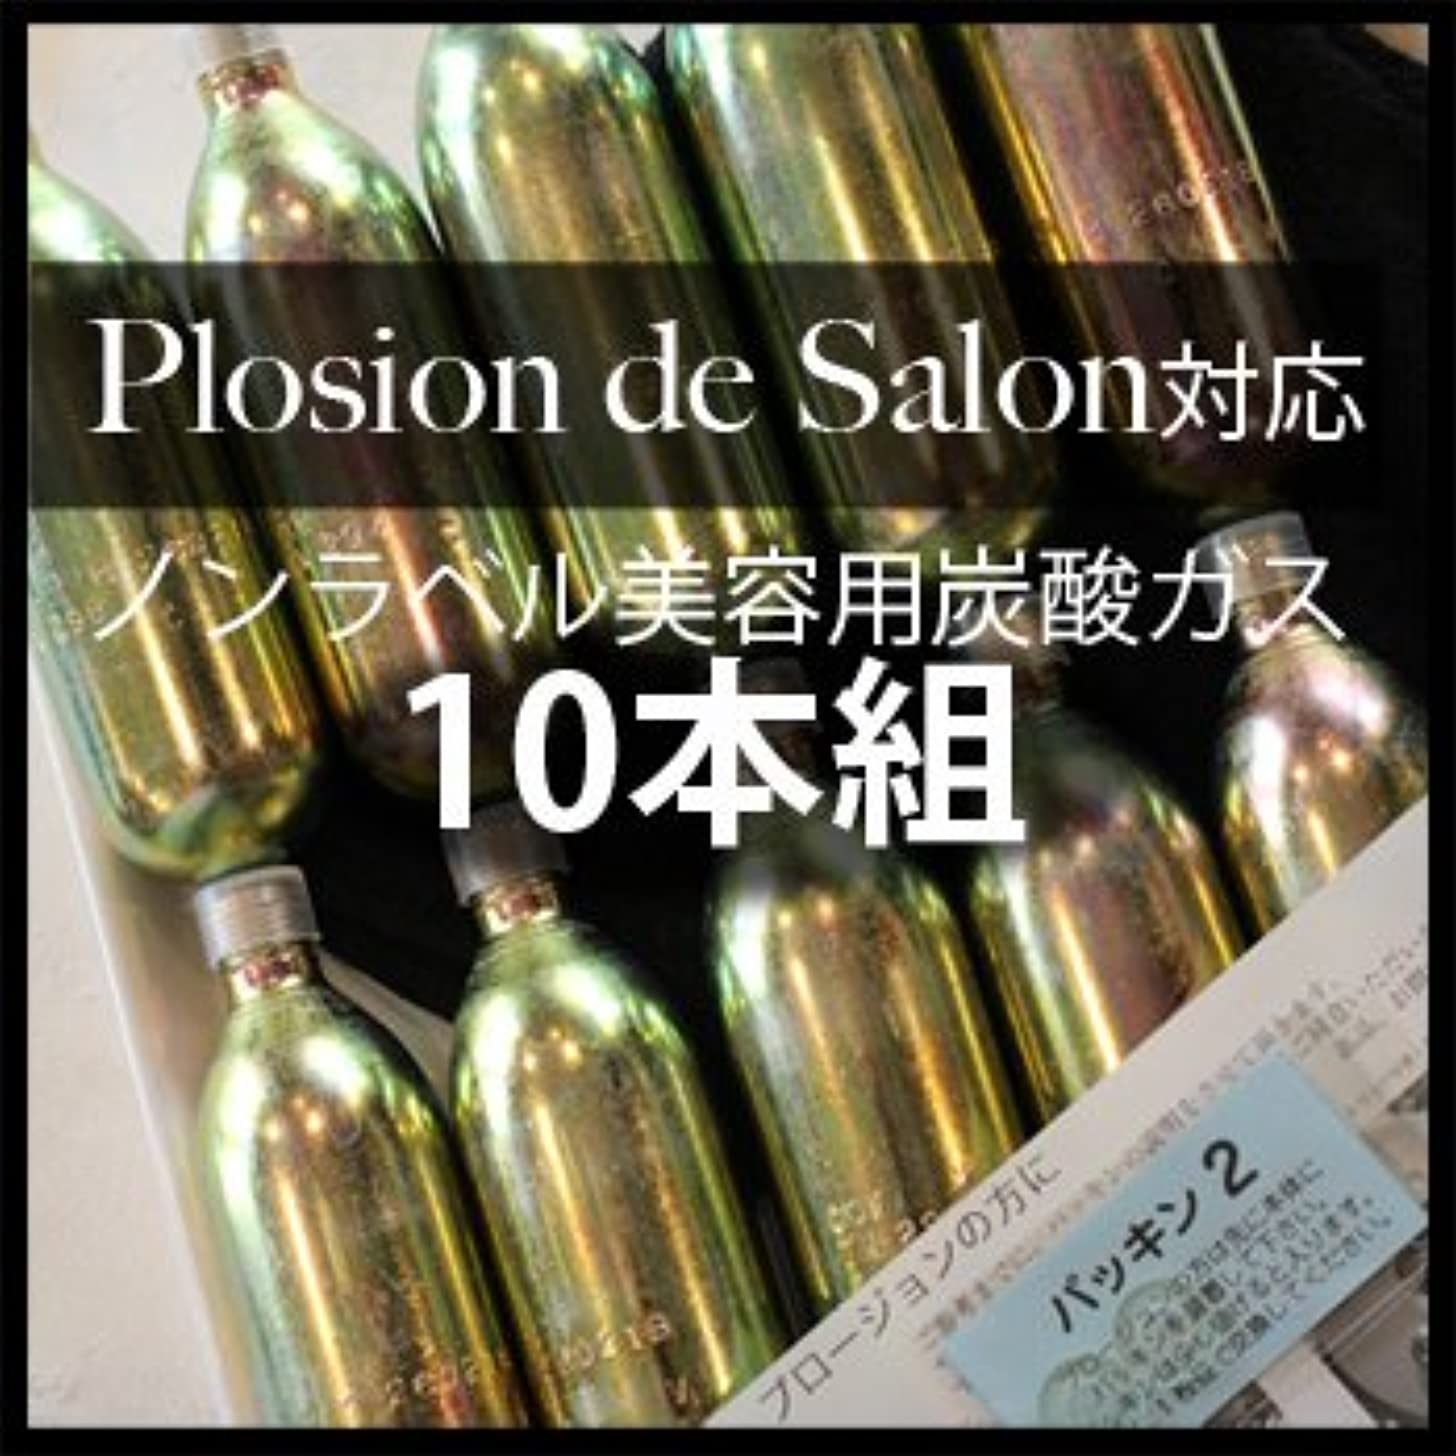 買い物に行く影響川炭酸ガスカートリッジ(Plosion de salon用)10本